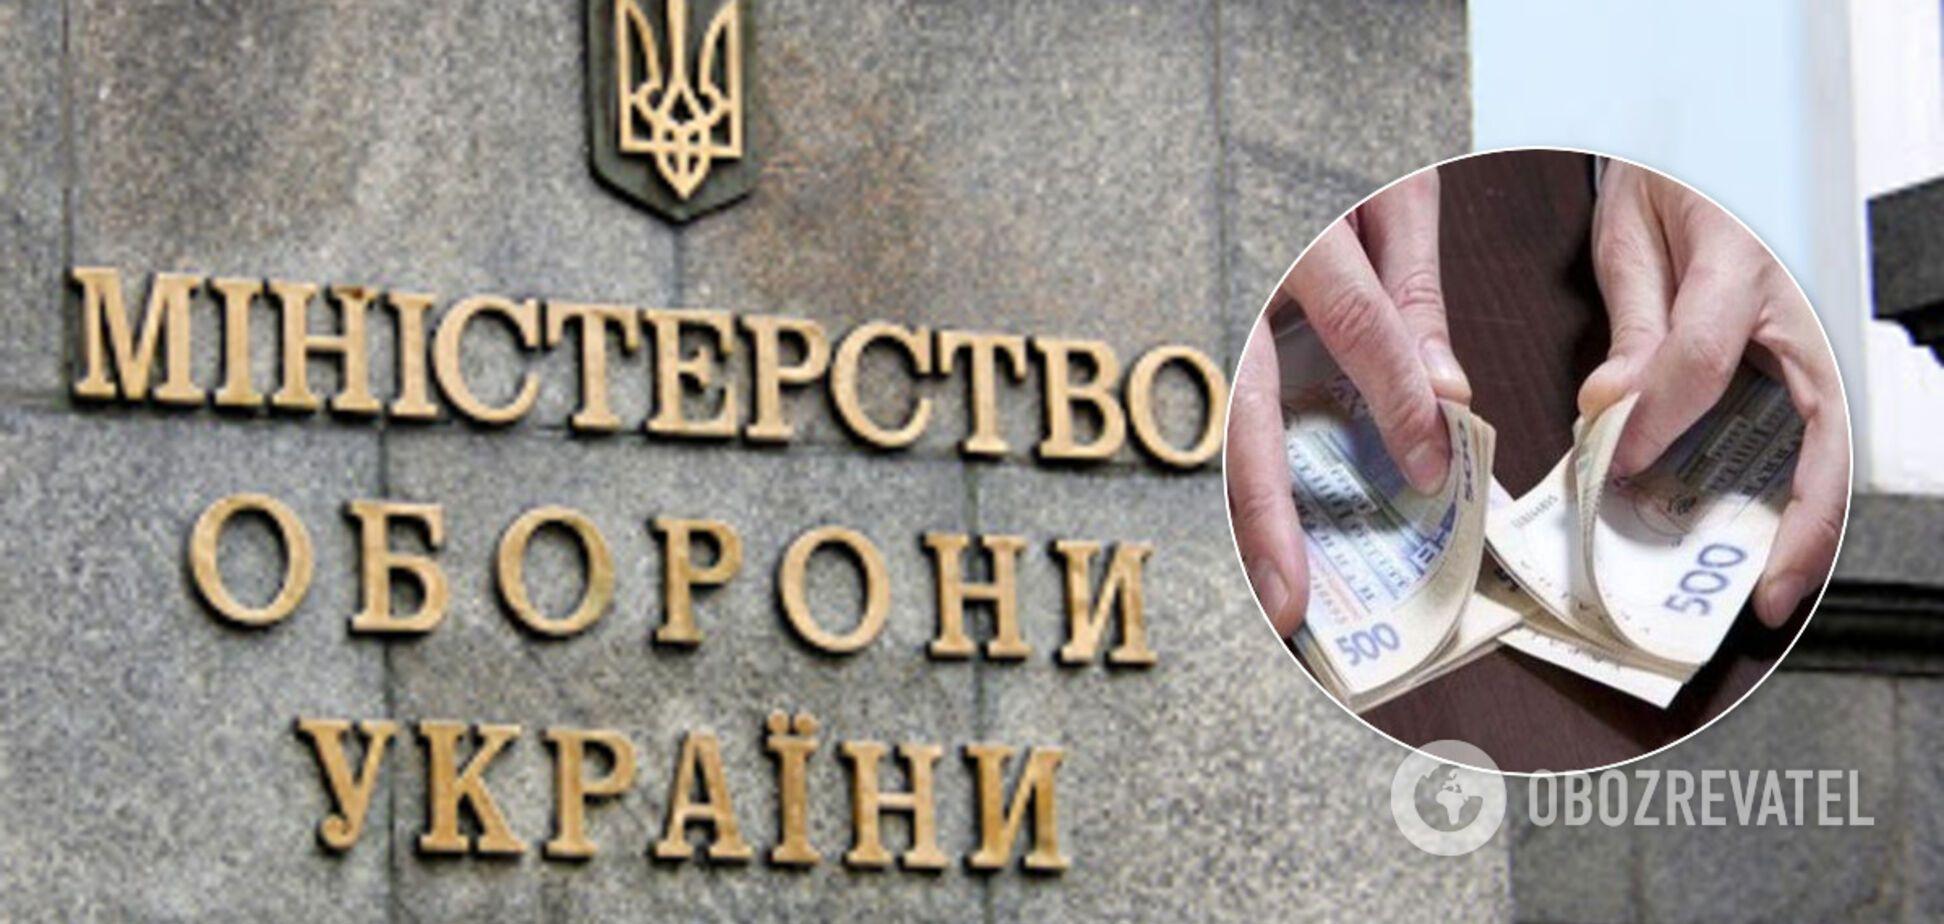 Ексчиновник Міноборони привласнив сотні тисяч з держбюджету: що йому світить